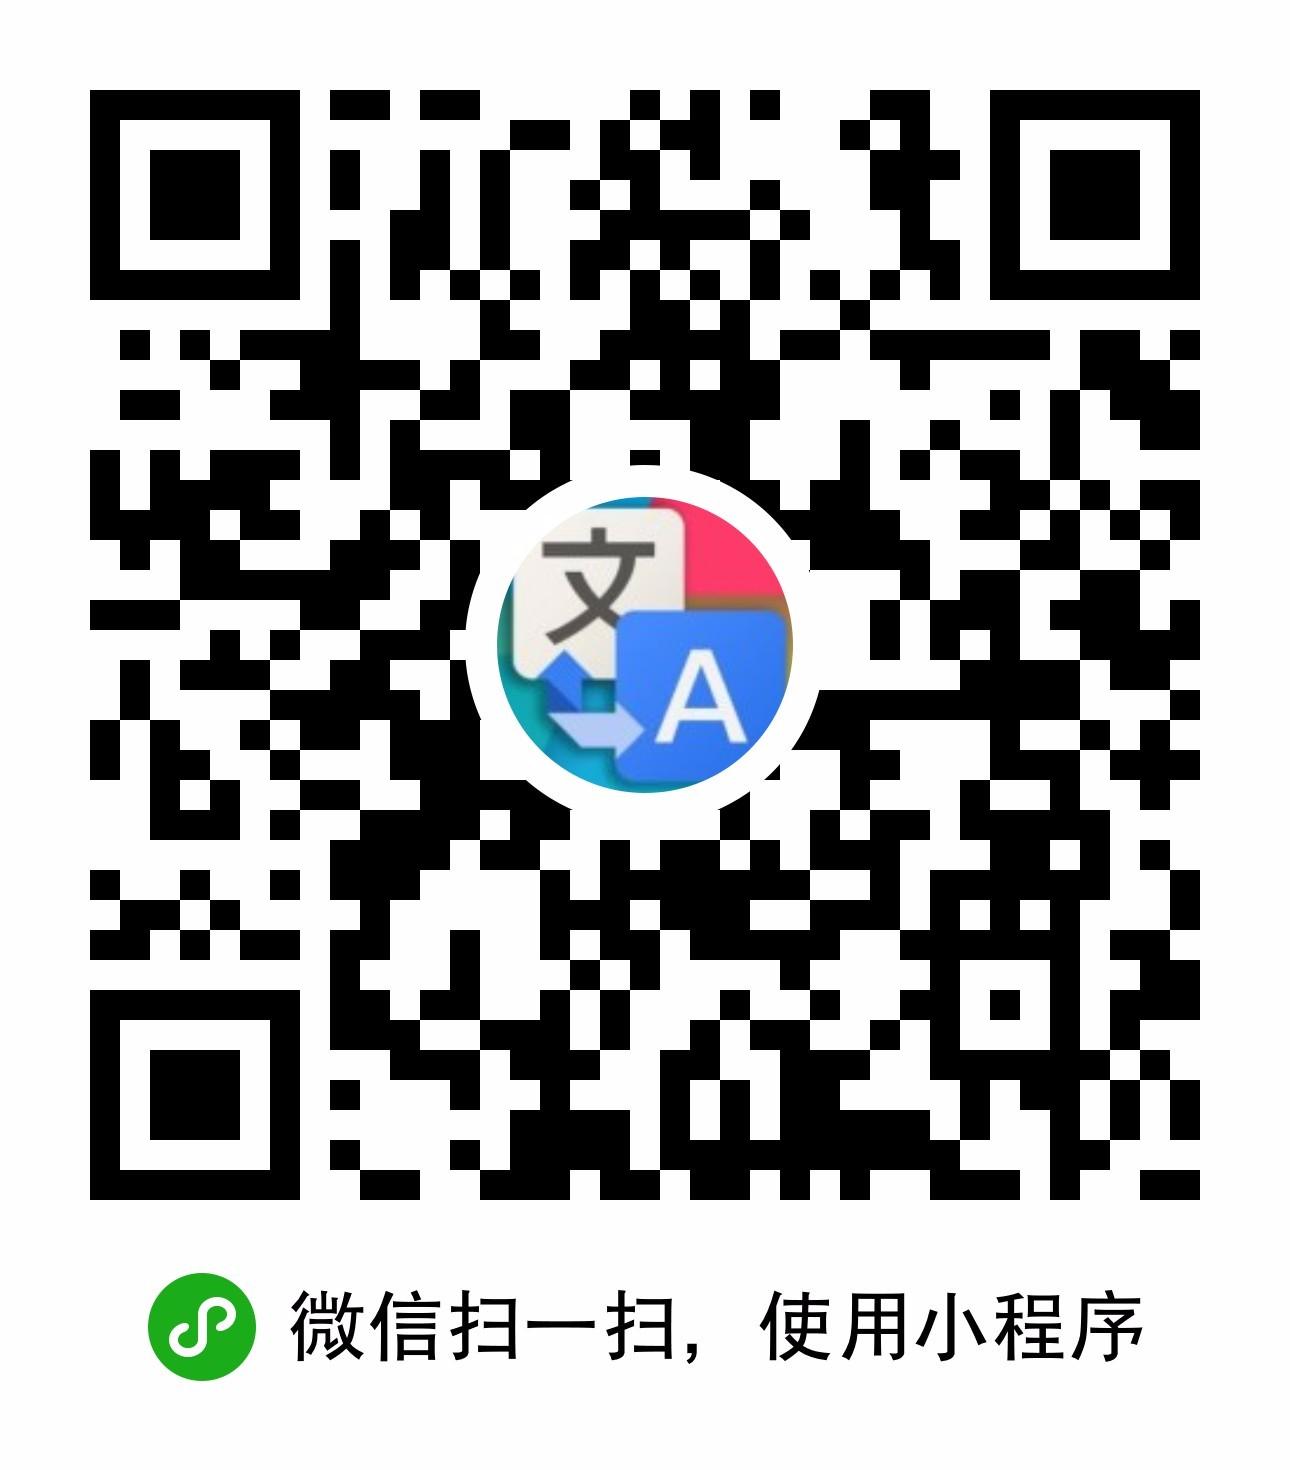 蓝星翻译-微信小程序二维码